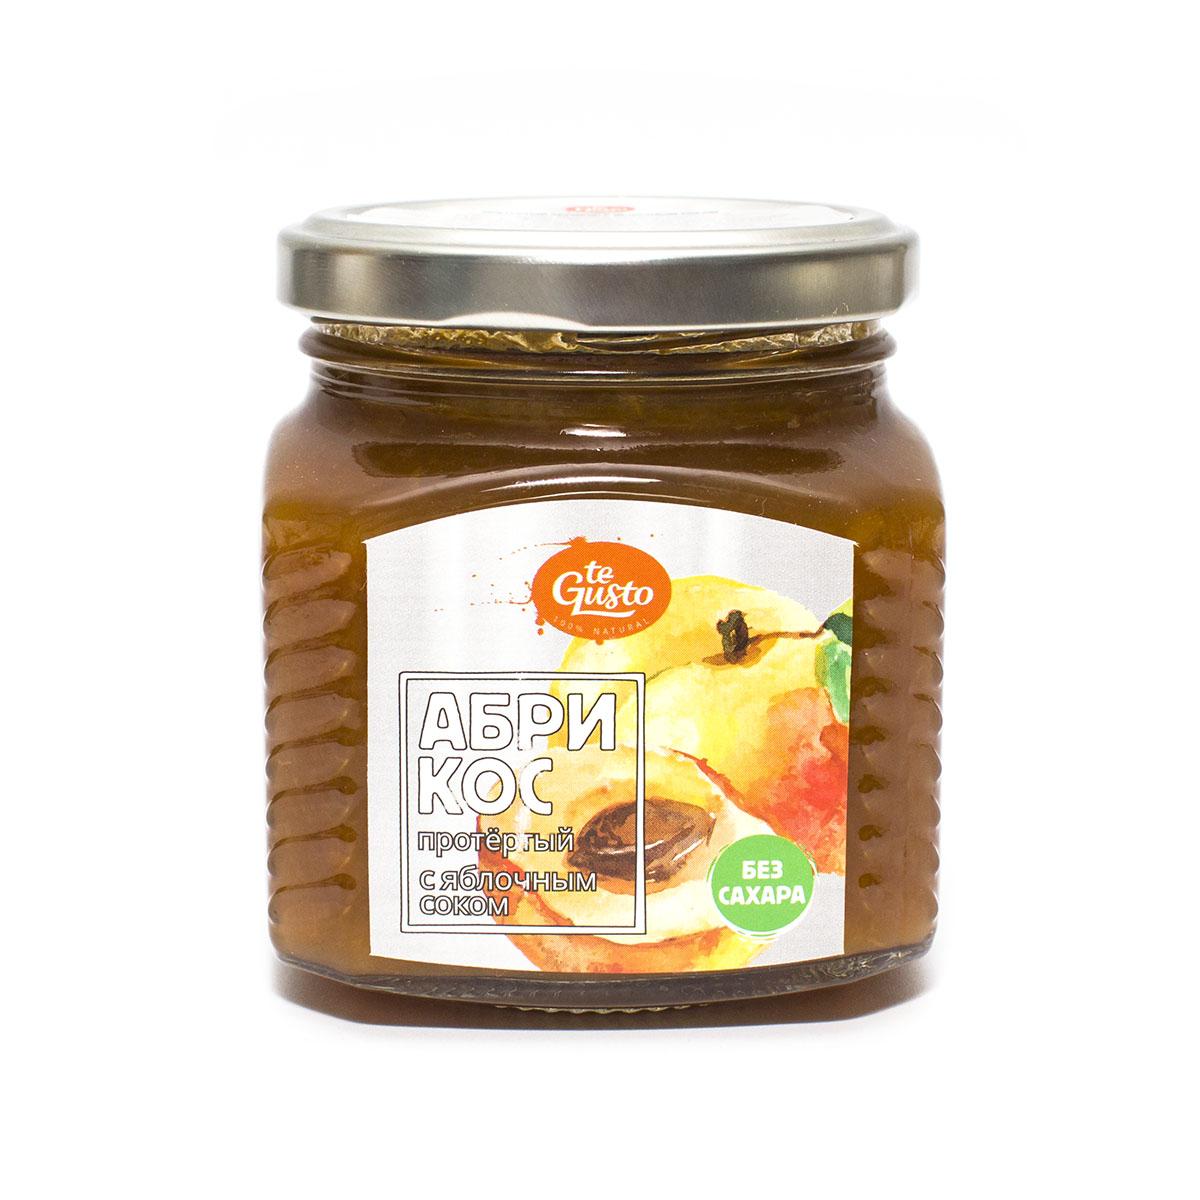 Абрикос протертый с яблочным соком Te-Gusto, 300 г barinoff сок яблочный 3 л